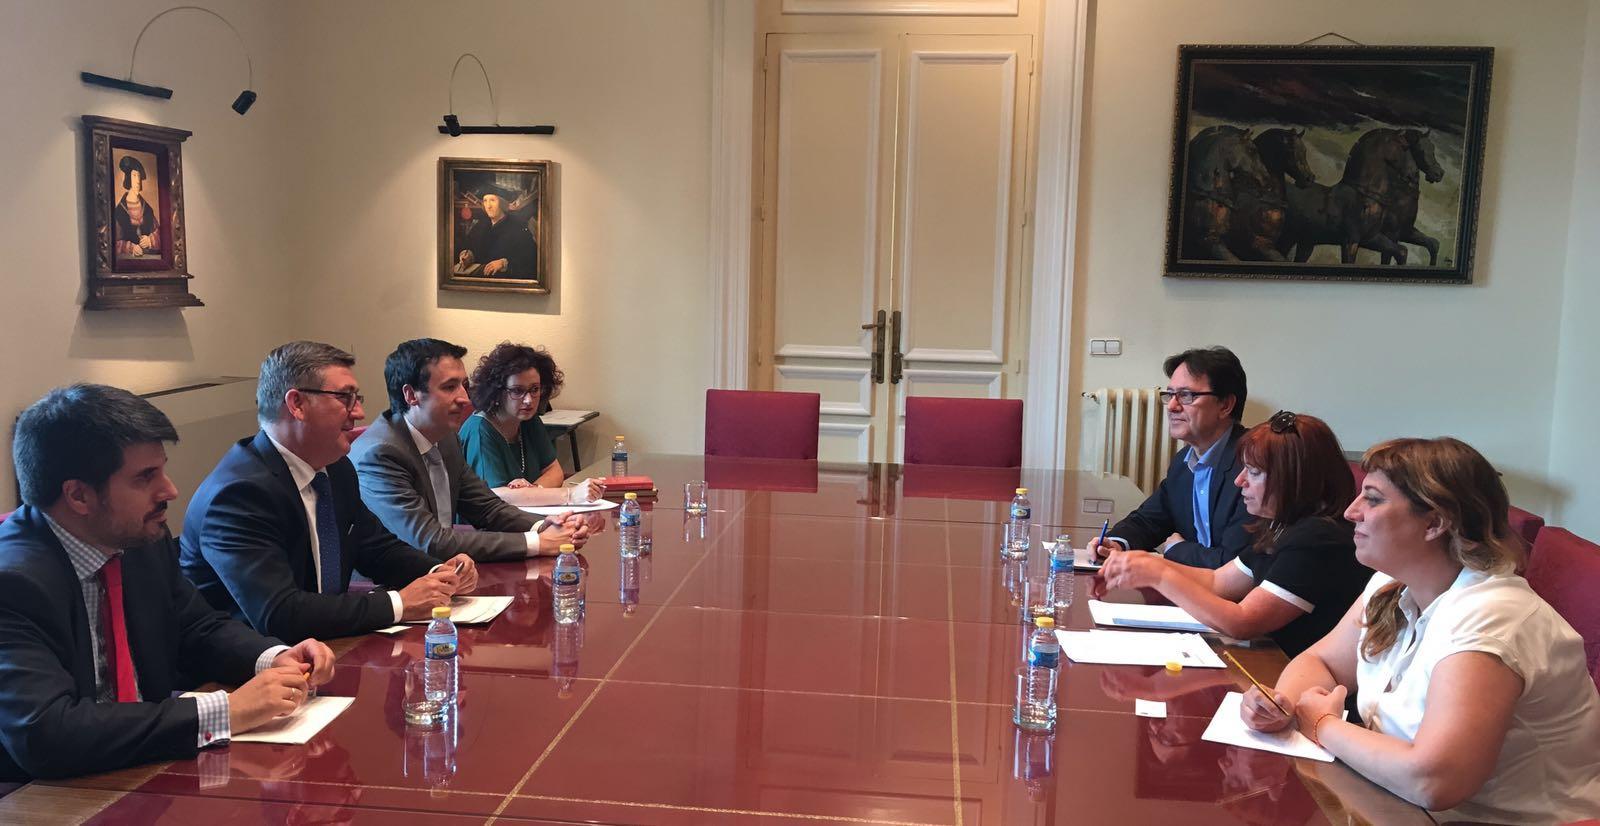 Reunión el pasado día 19 de julio con D. Marcial Marín Hellín, Secretario de Estado de Educación, Formación profesional y Universidades